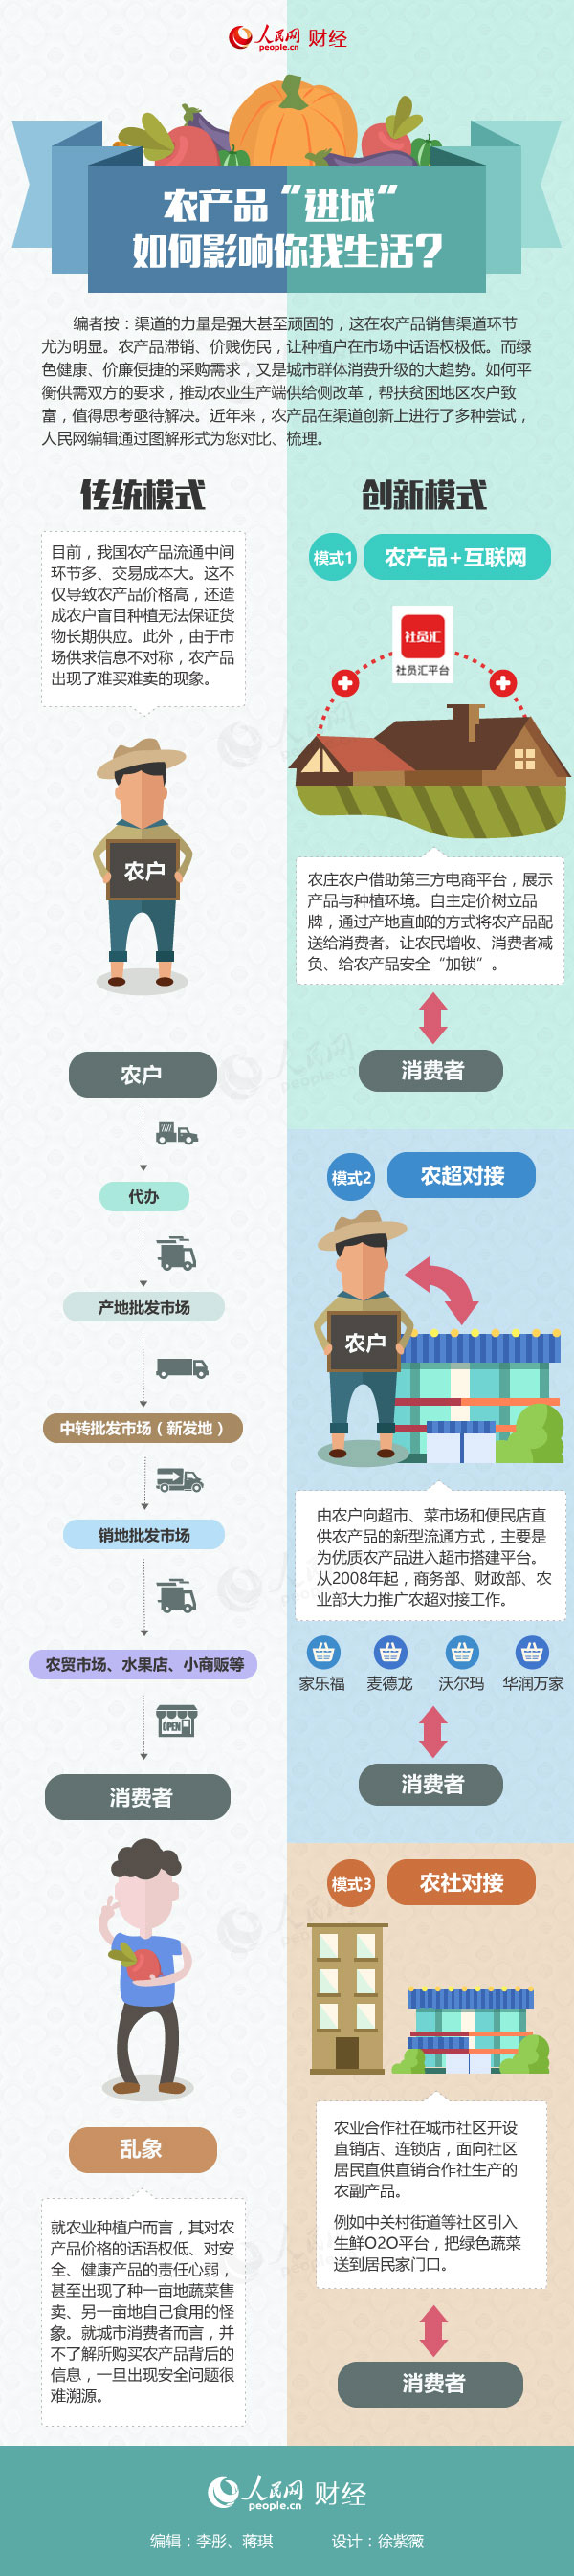 """【图解】农产品进城""""路线图"""":如何影响你我生活 - 曹教授 - 曹教授的博客"""